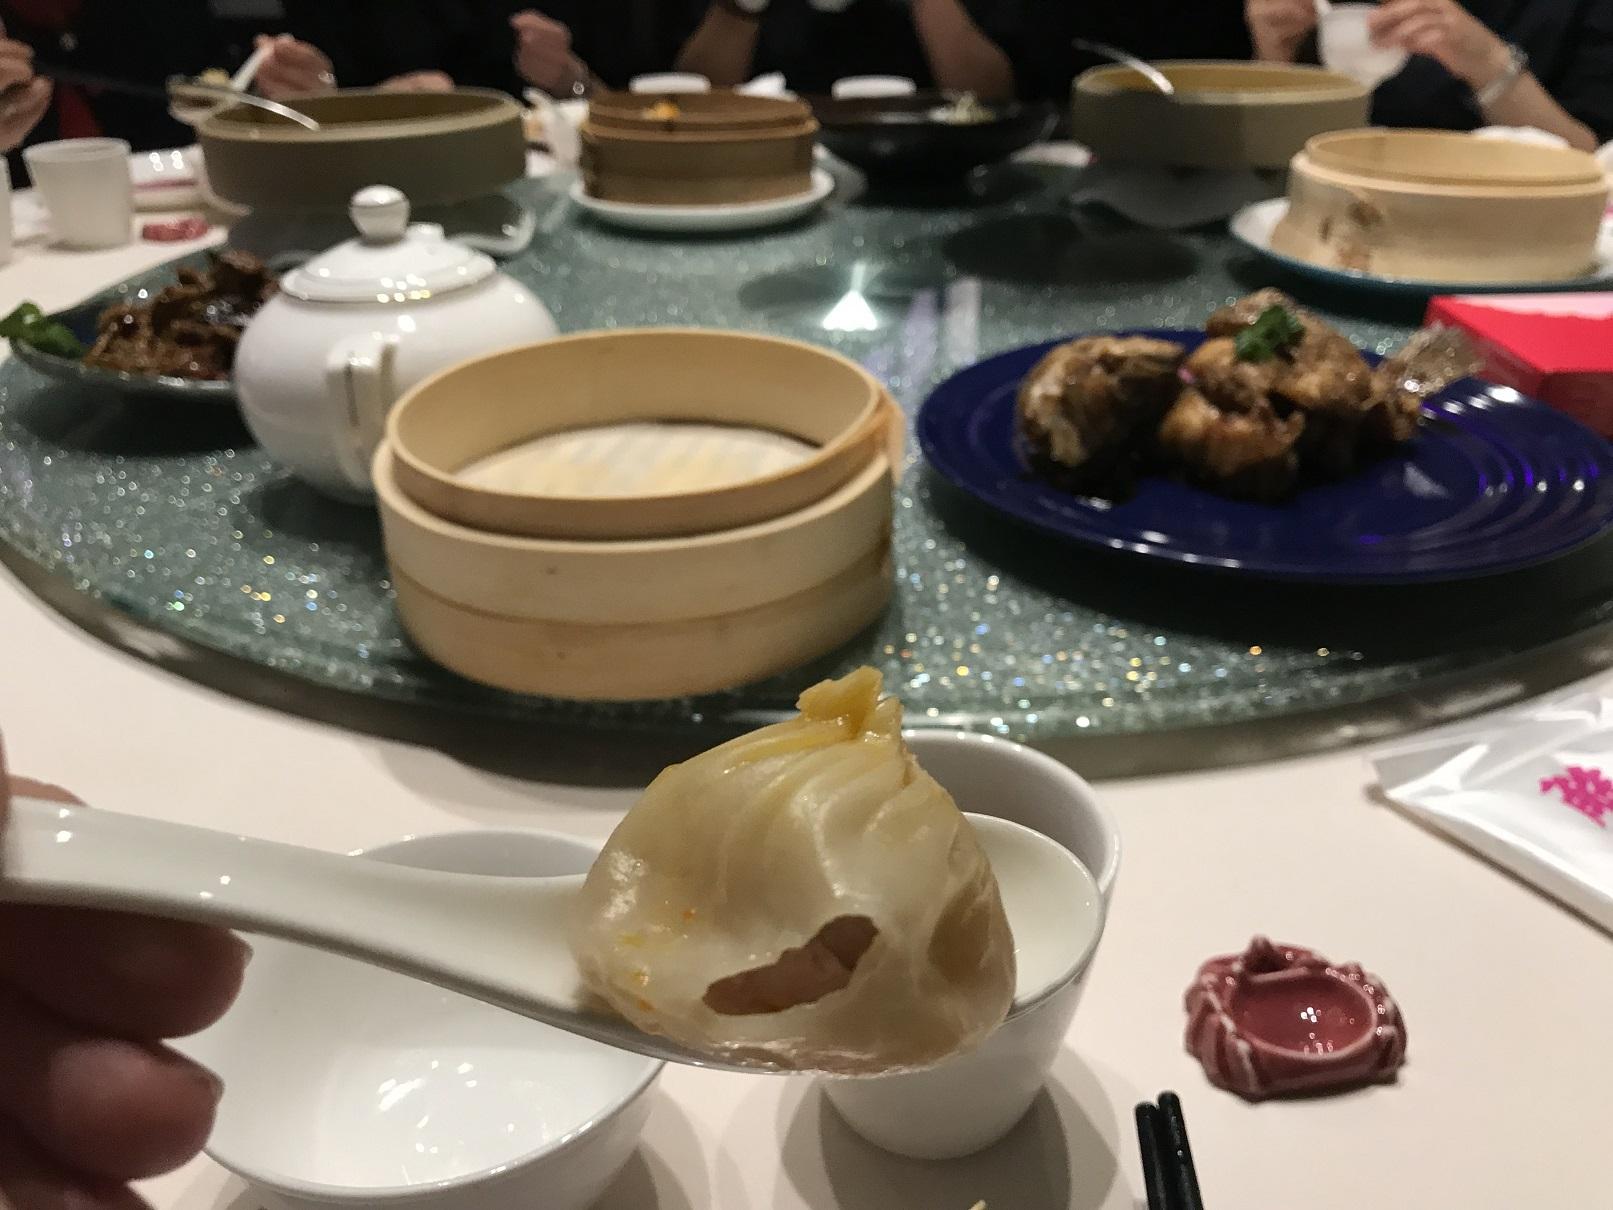 Dinner at 蟹榭!